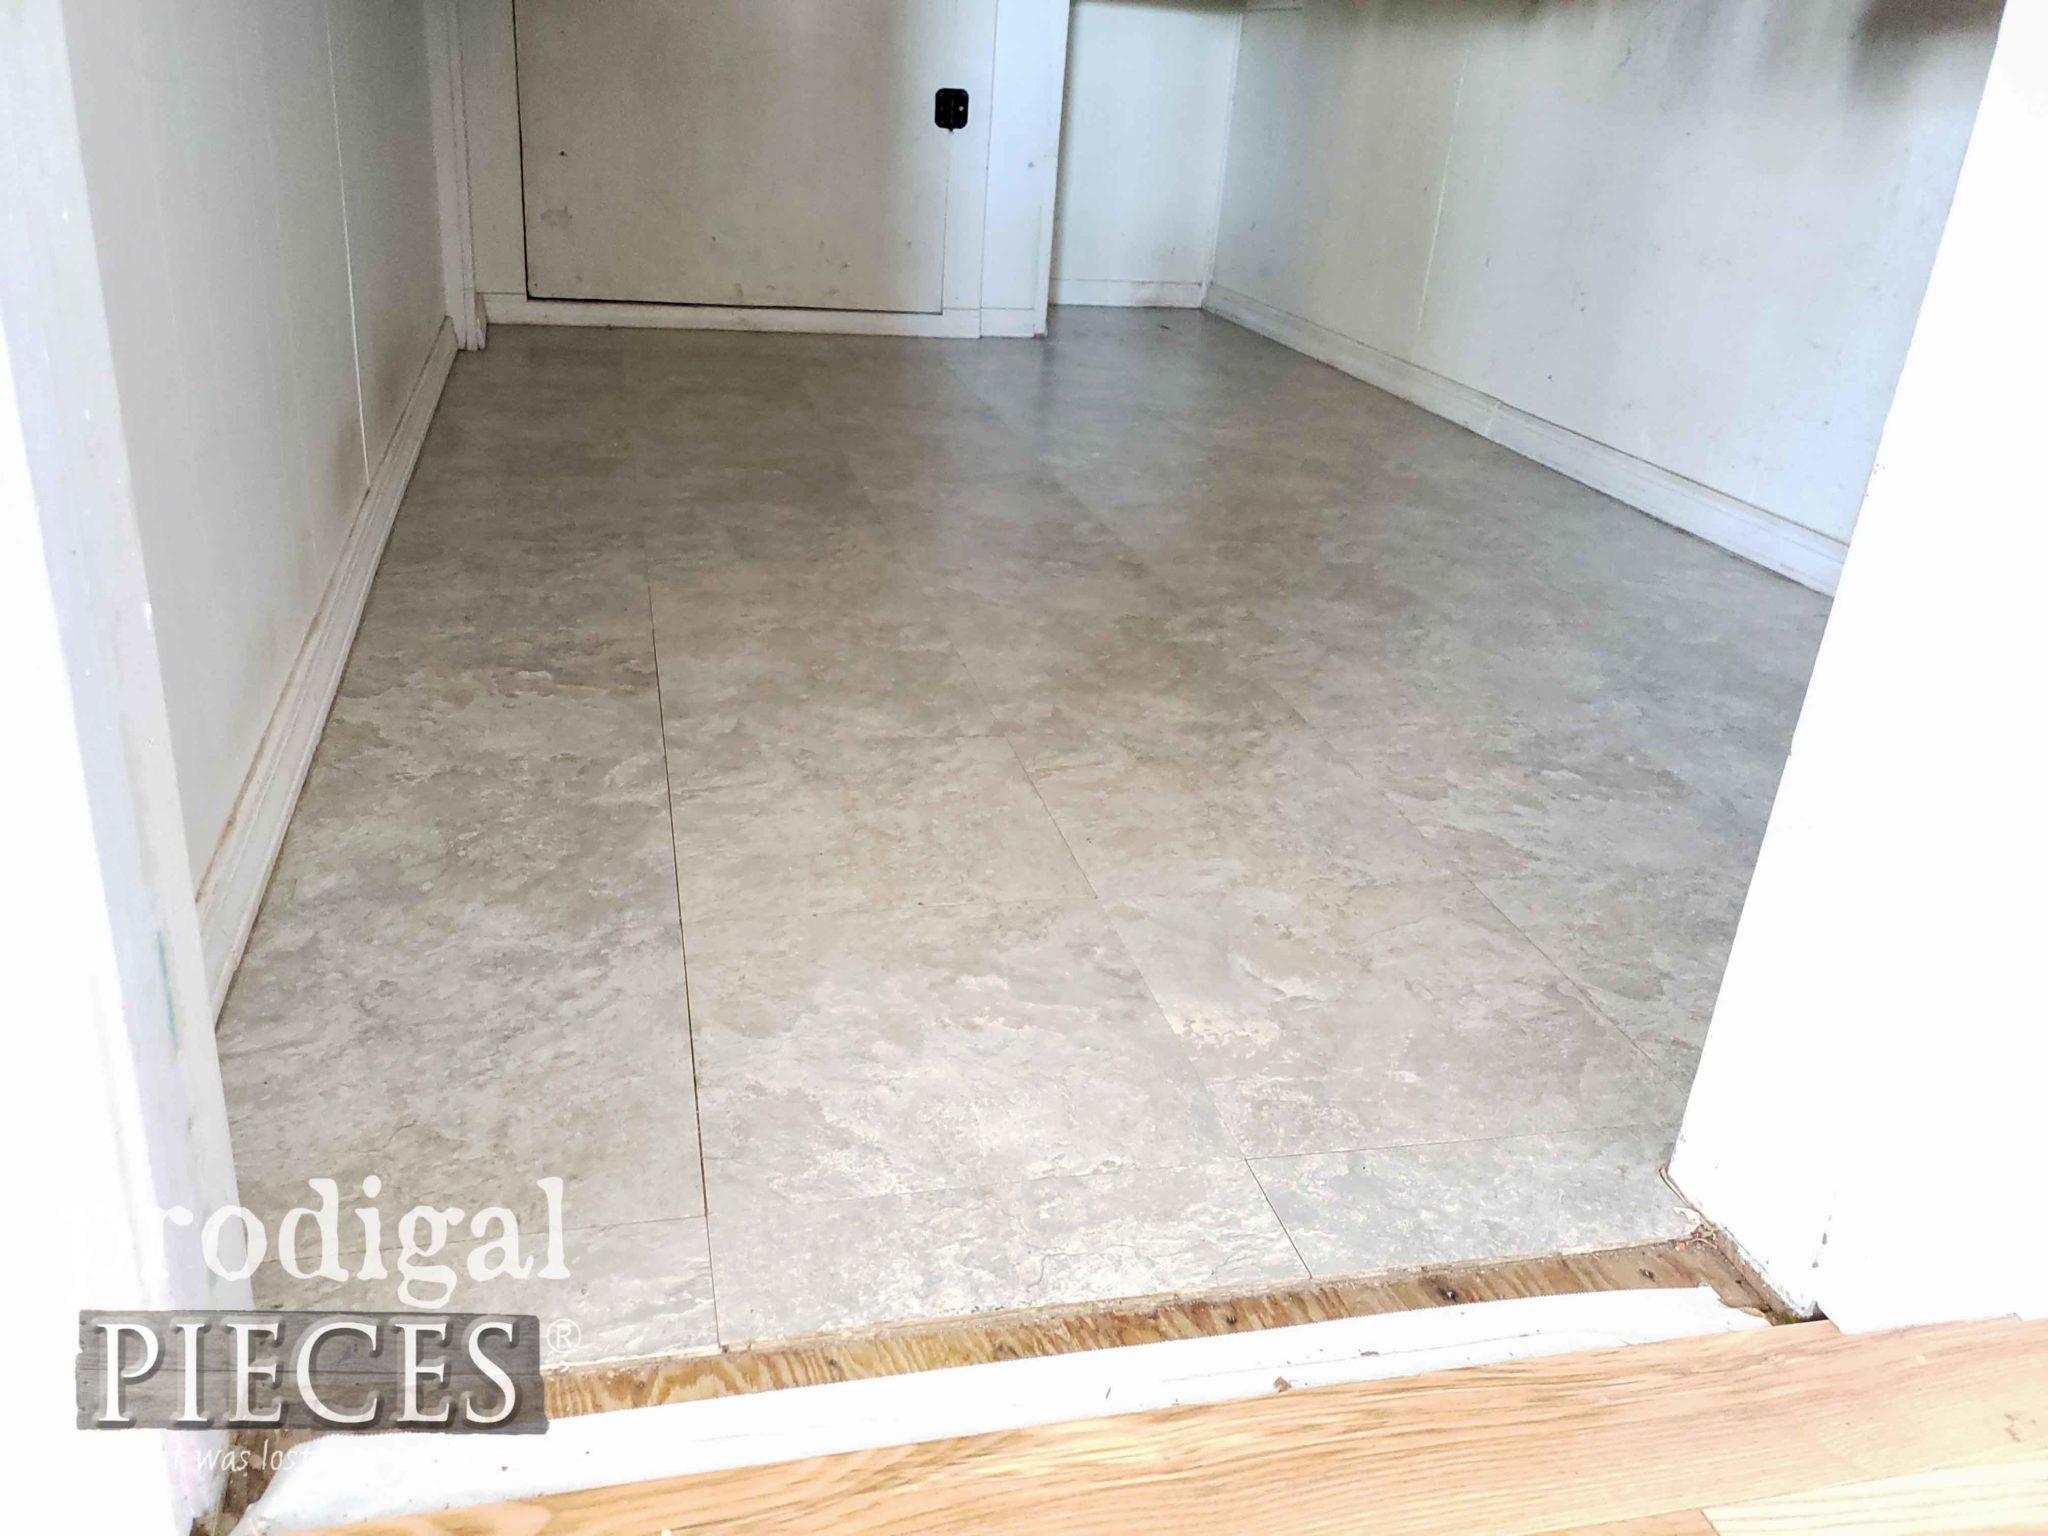 Mudroom Closet Floor Before | prodigalpieces.com